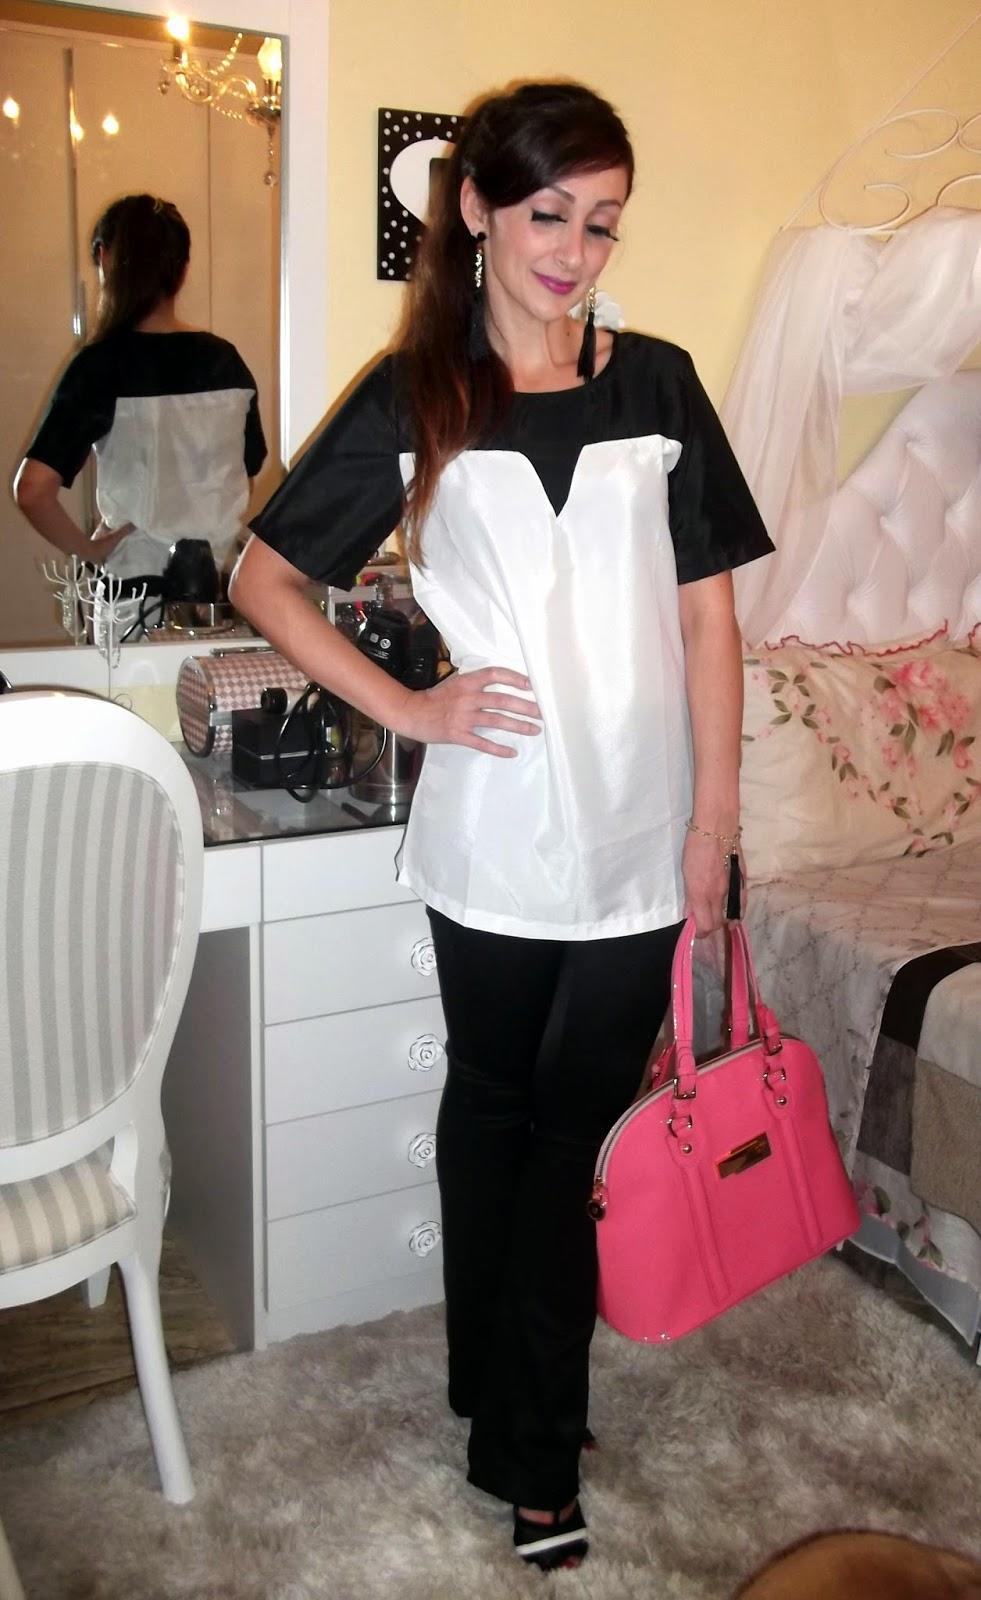 9d2149dc30982 Hoje venho com um clássico, o look preto e branco, que vai do trabalho ao  Happy hour, sem erro, e essa blusa do AliExpress foi mais uma compra bem  sucedida ...